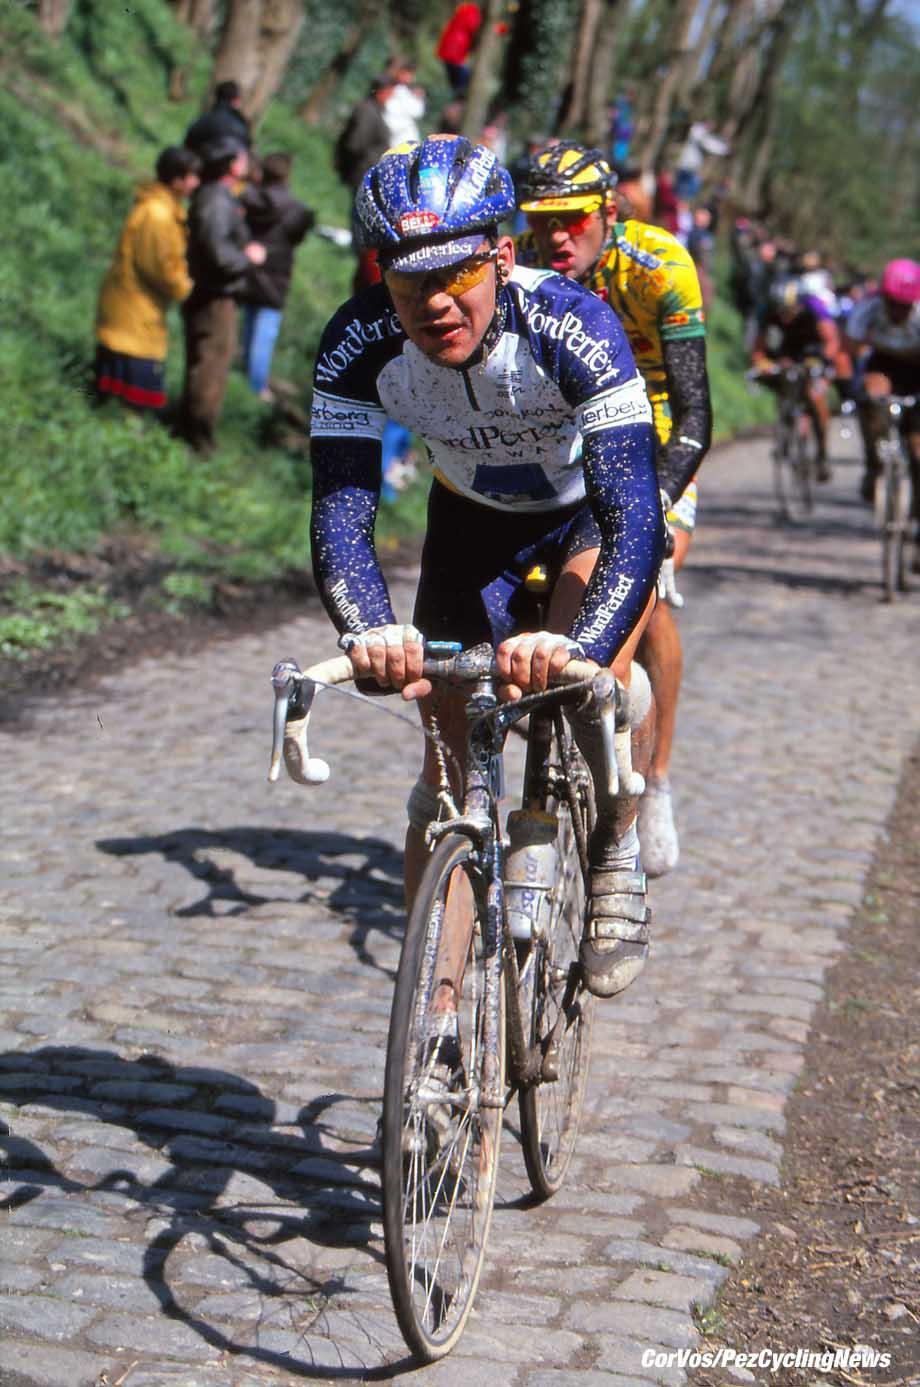 Roubaix - France - wielrennen - cycling - cyclisme - radsport - Leon VAN BON pictured during Paris-Roubaix 1994 - archief - stock - archive - archivbild - photo Cor Vos © 2017